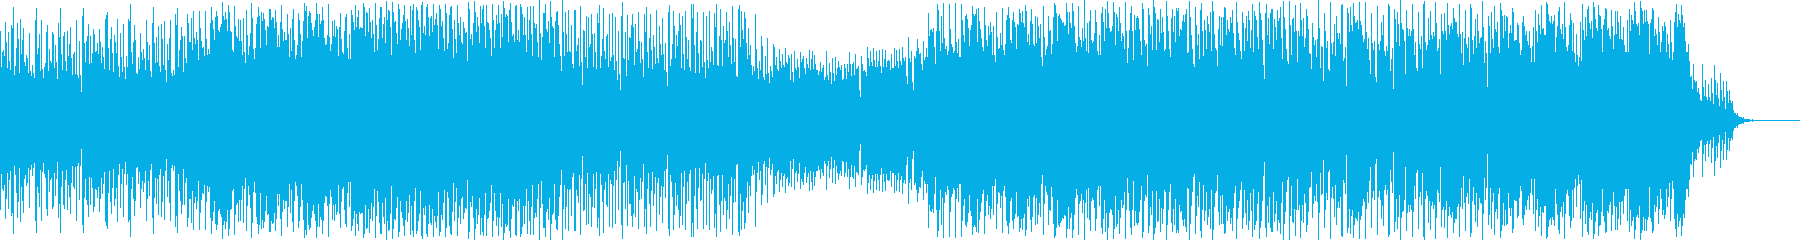 初詣、お正月イメージのシンセポップの再生済みの波形